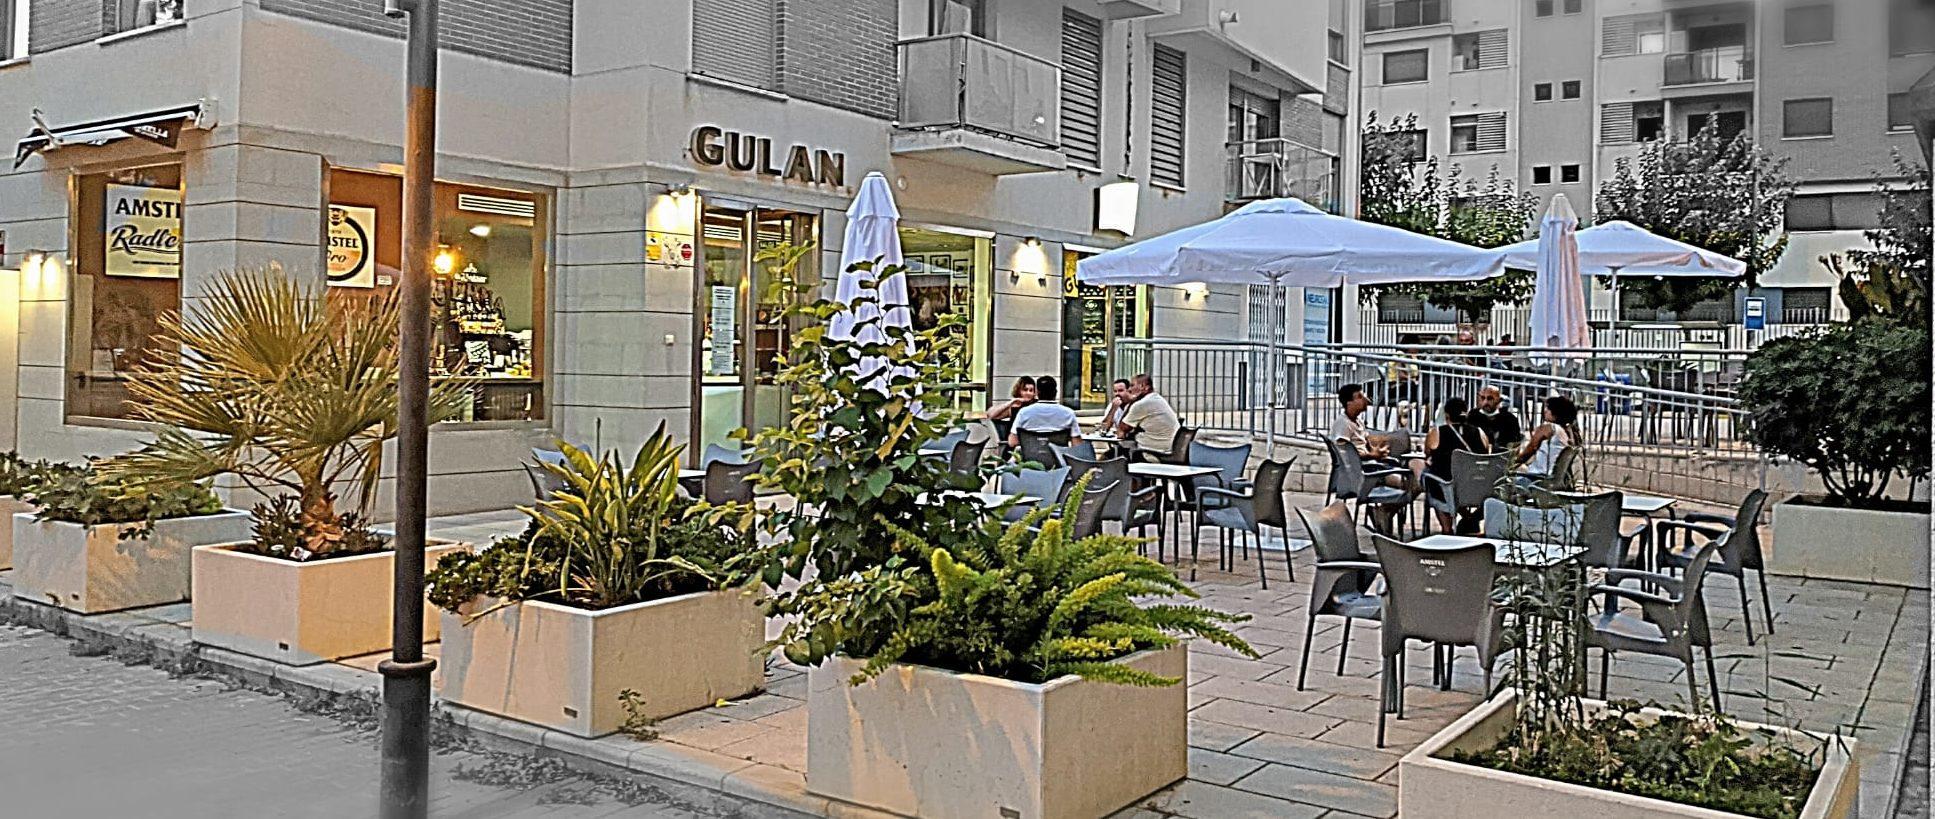 Fachada y terraza GULAN bar de tapas en Joven Futura